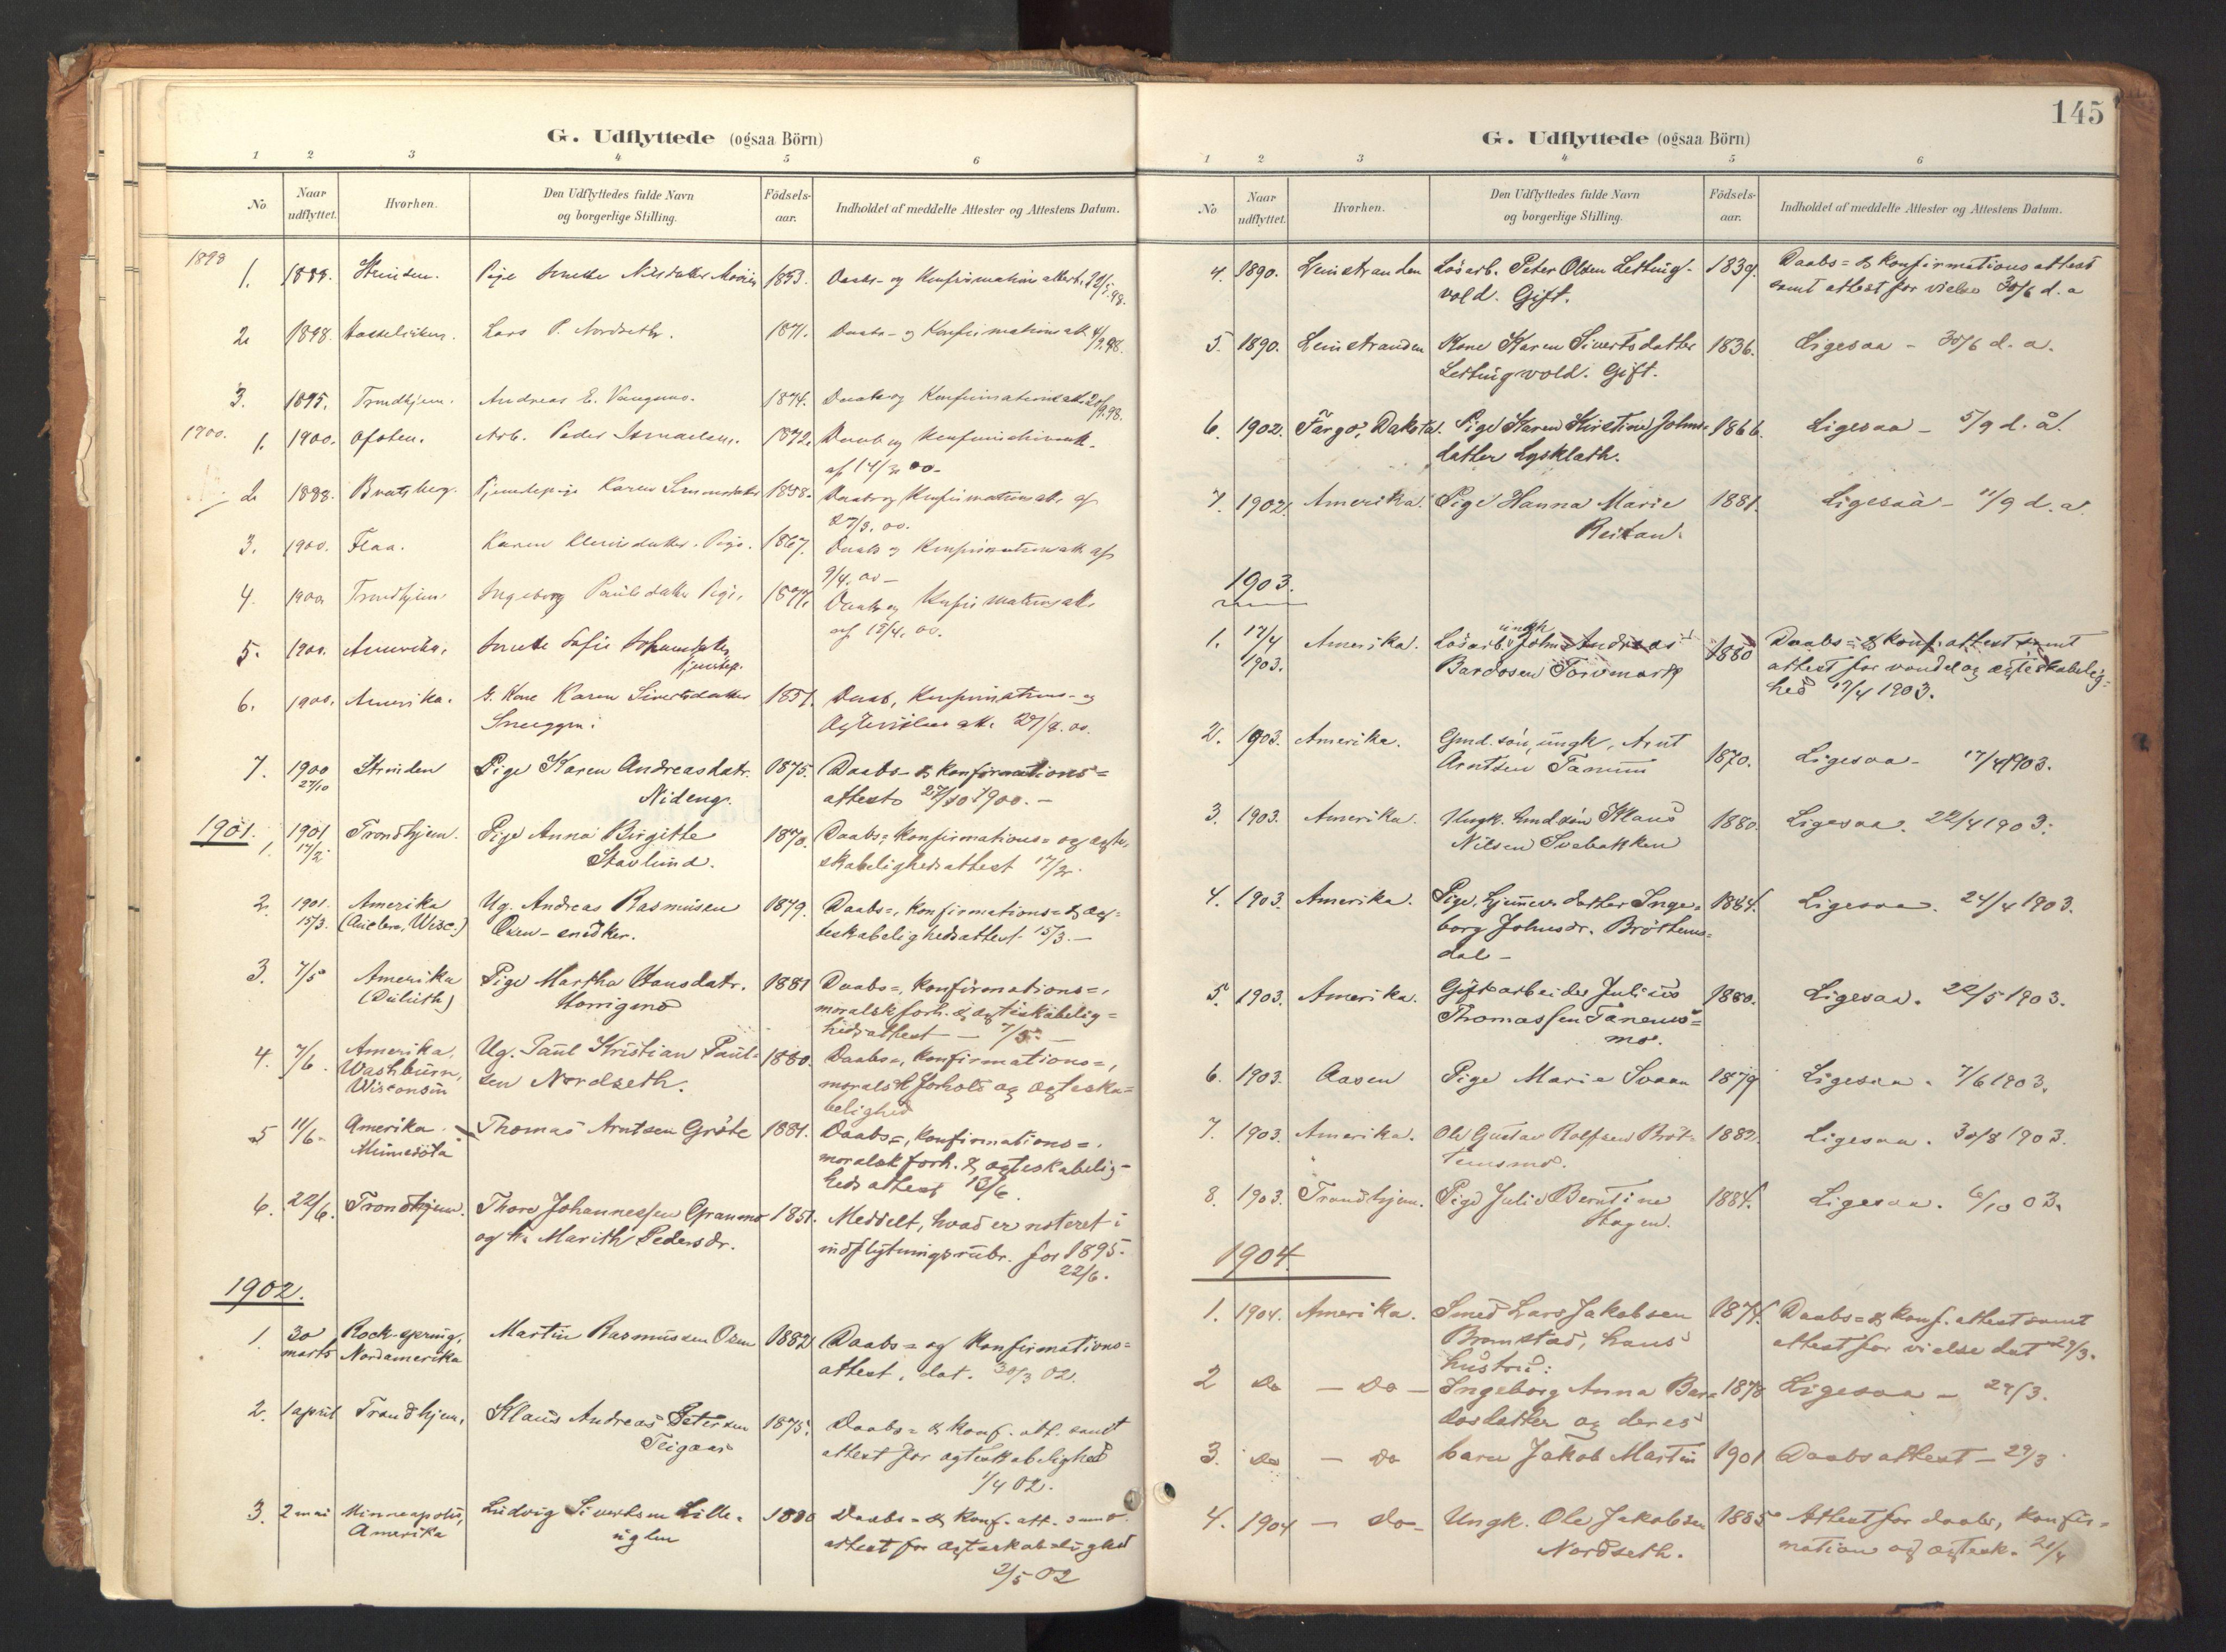 SAT, Ministerialprotokoller, klokkerbøker og fødselsregistre - Sør-Trøndelag, 618/L0448: Ministerialbok nr. 618A11, 1898-1916, s. 145